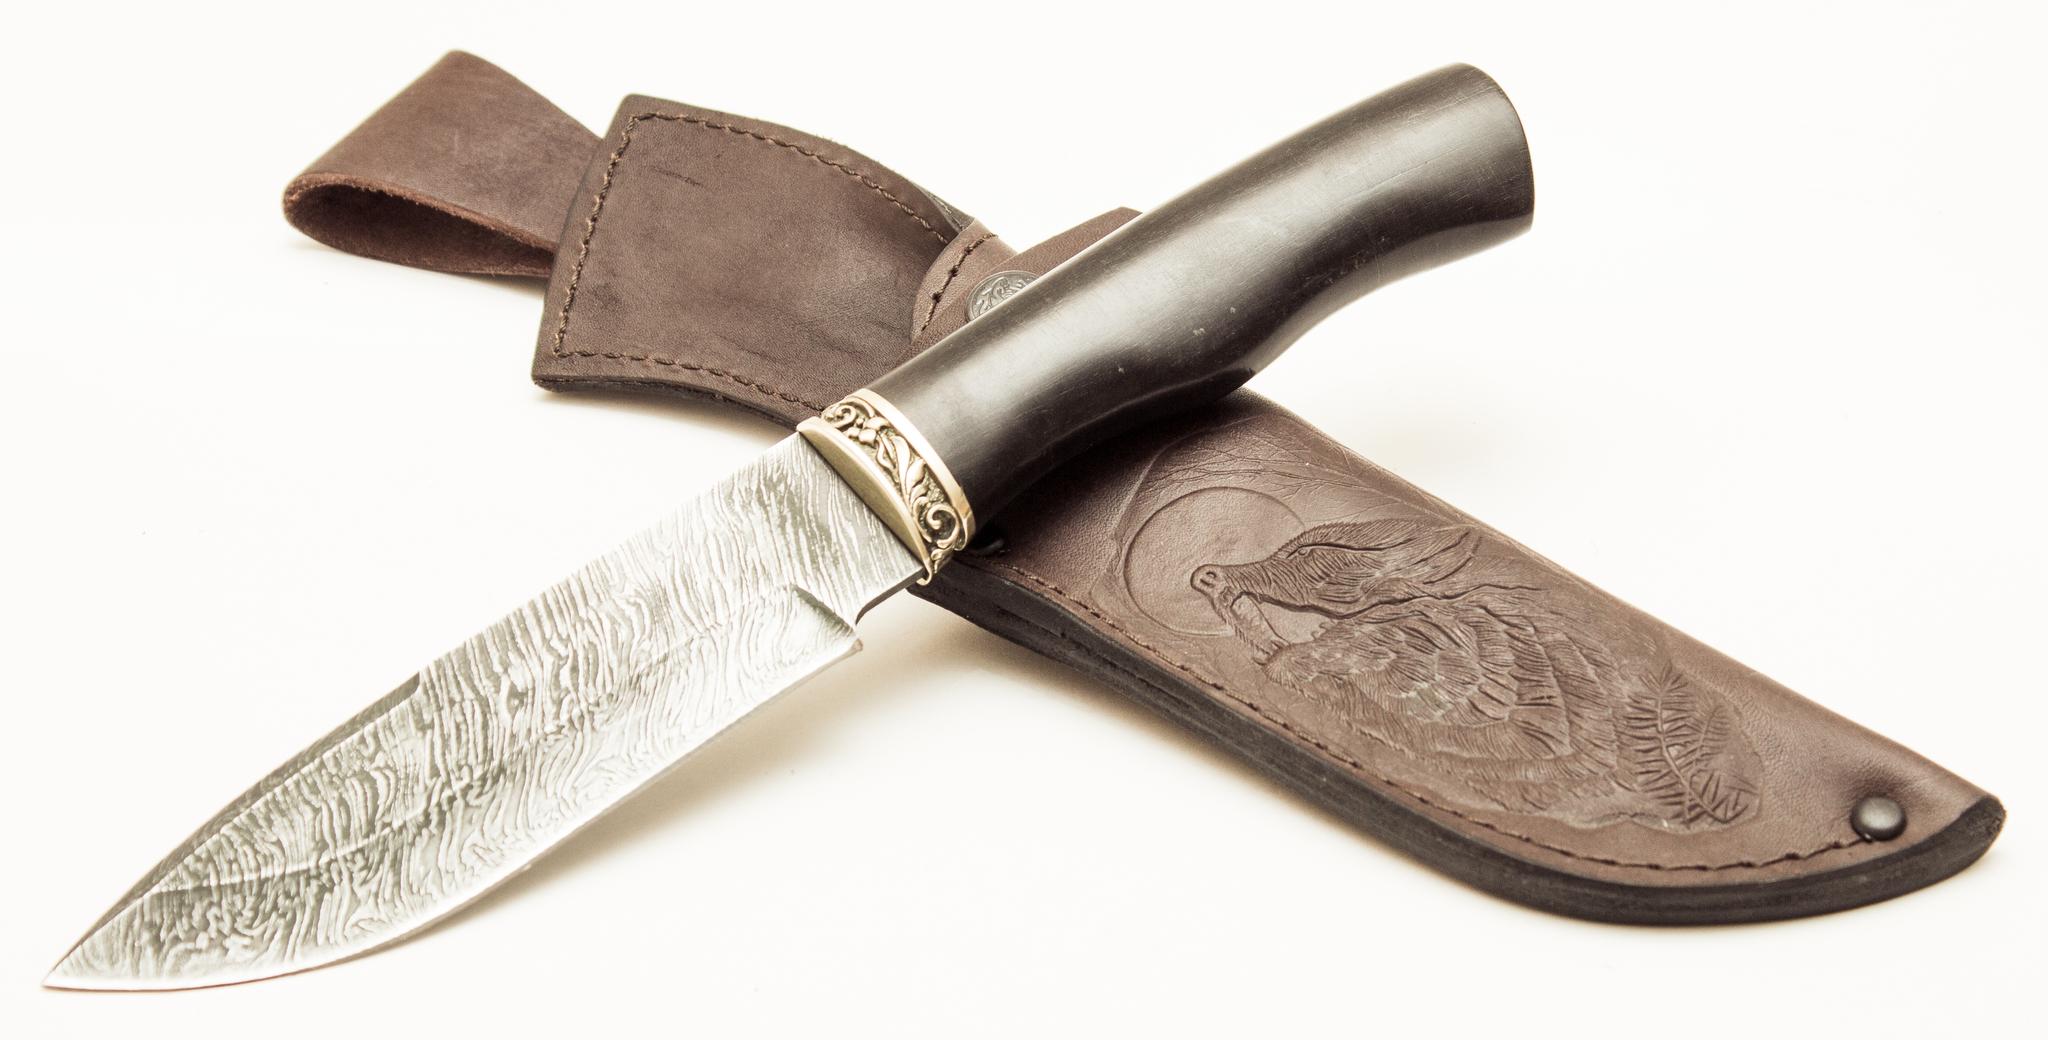 Фото 2 - Нож Бекзод, дамасская сталь от Павловские ножи